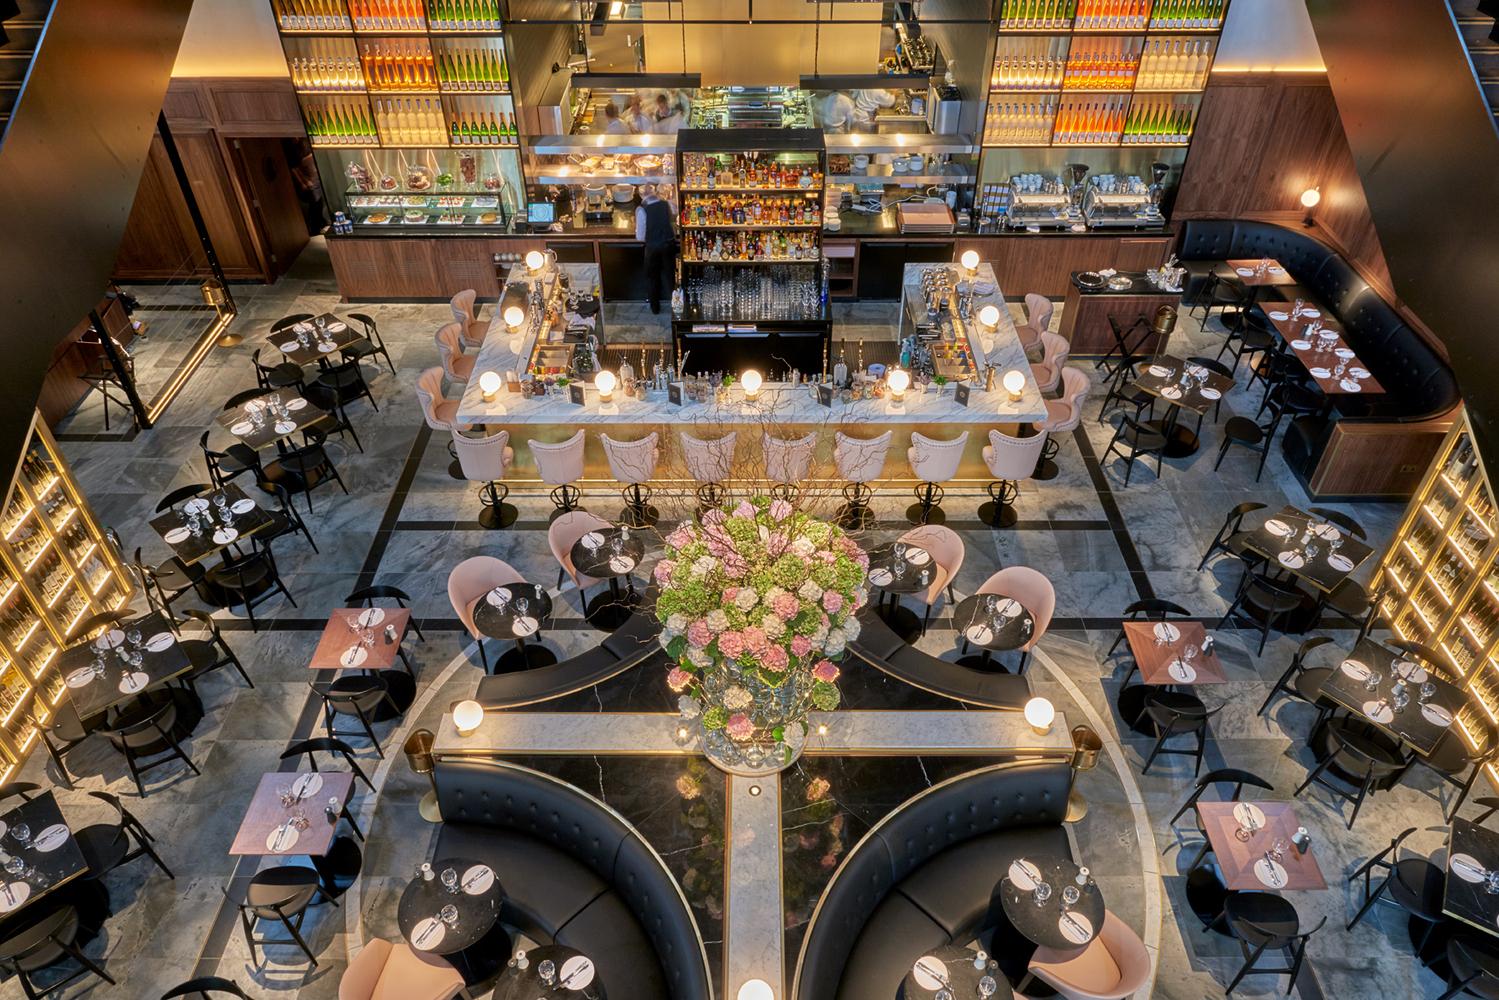 01-melhores-restaurantes-bares-2016-mundo-restaurants-bars-design-award